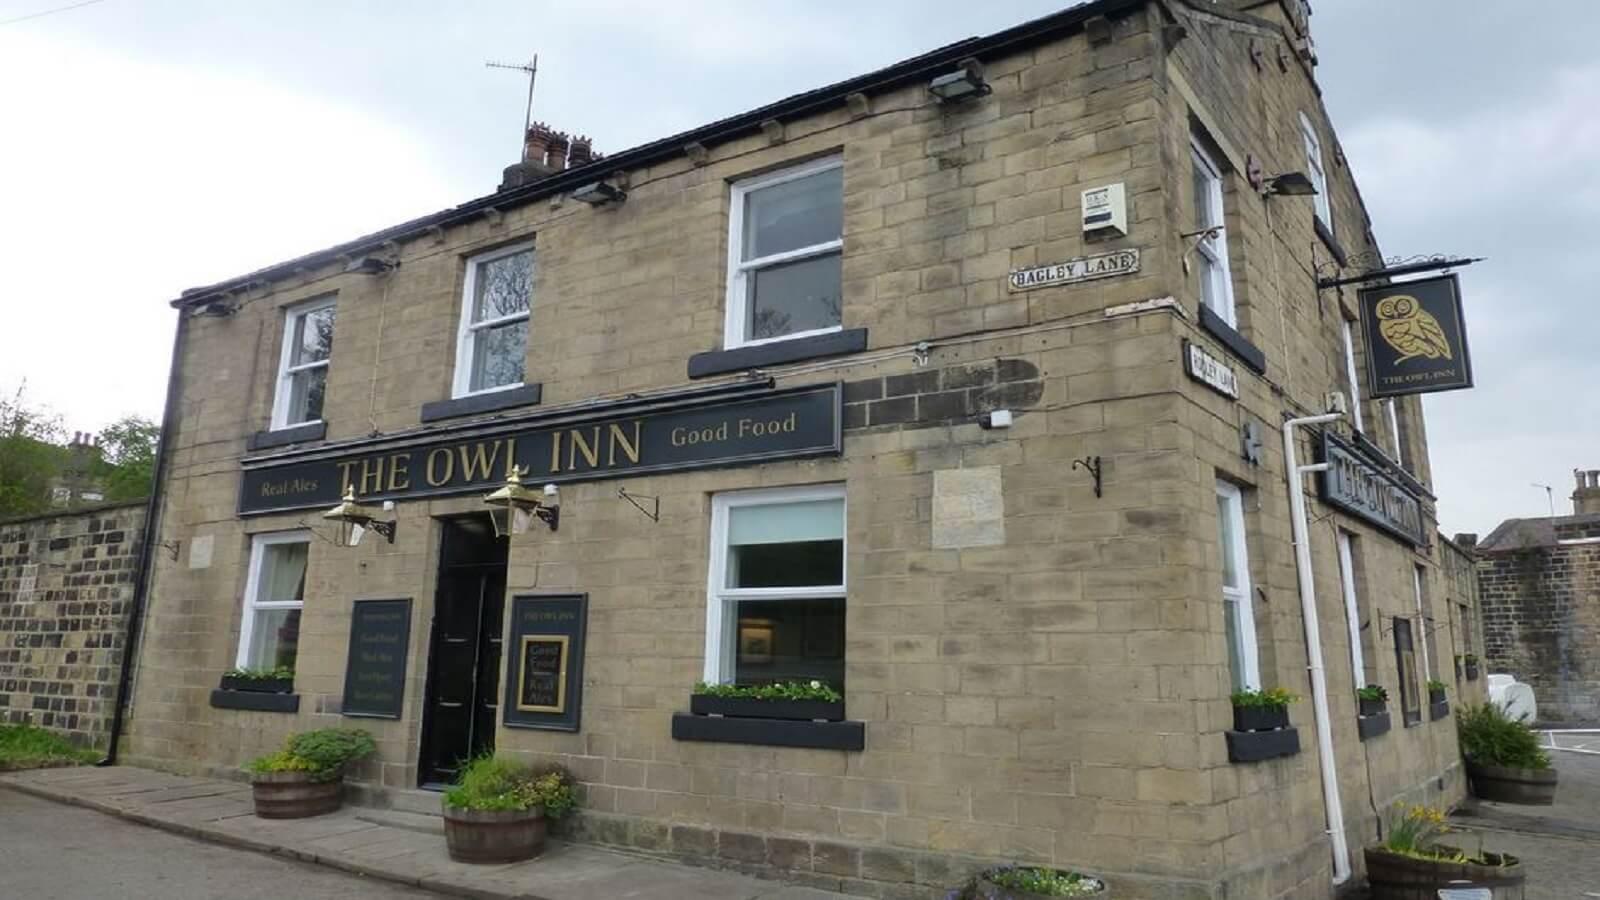 The Owl Inn